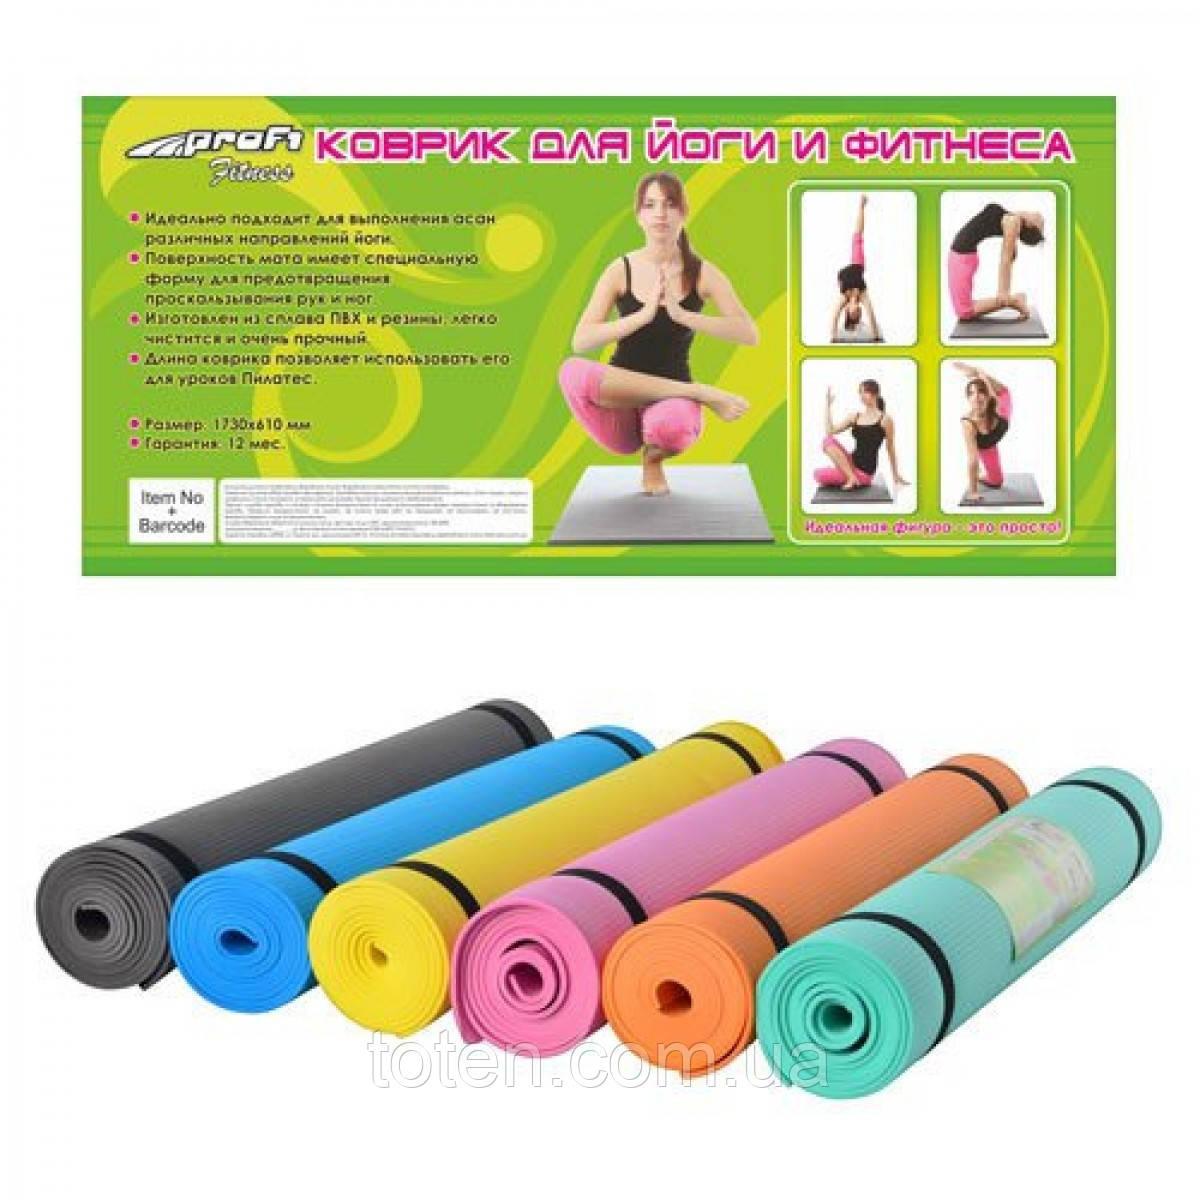 Коврик спортивный для фитнеса и йоги - йогамат нескользящий складной 0205